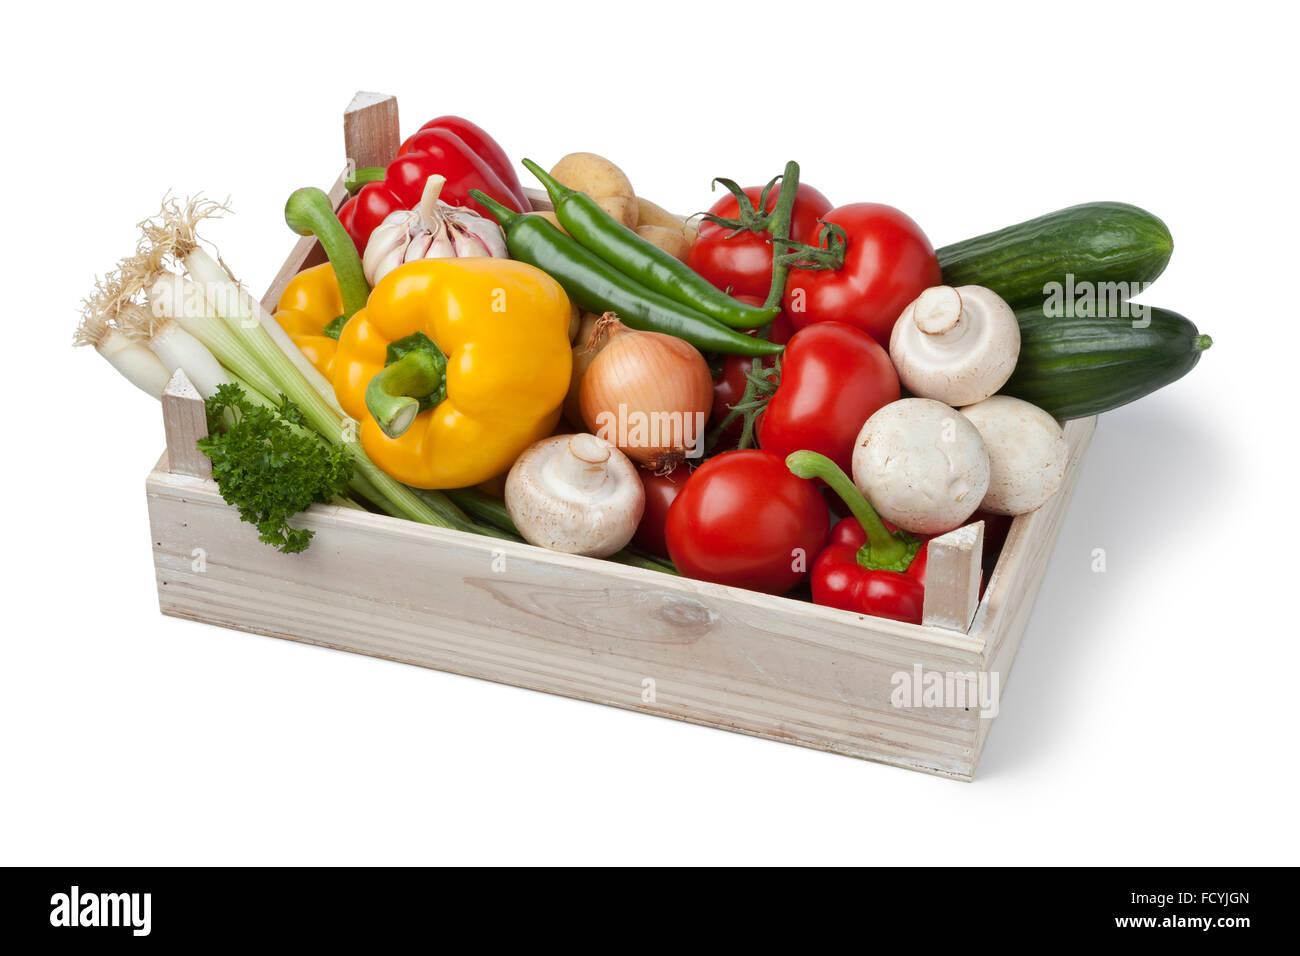 Coffre en bois avec des légumes frais sur fond blanc Photo Stock